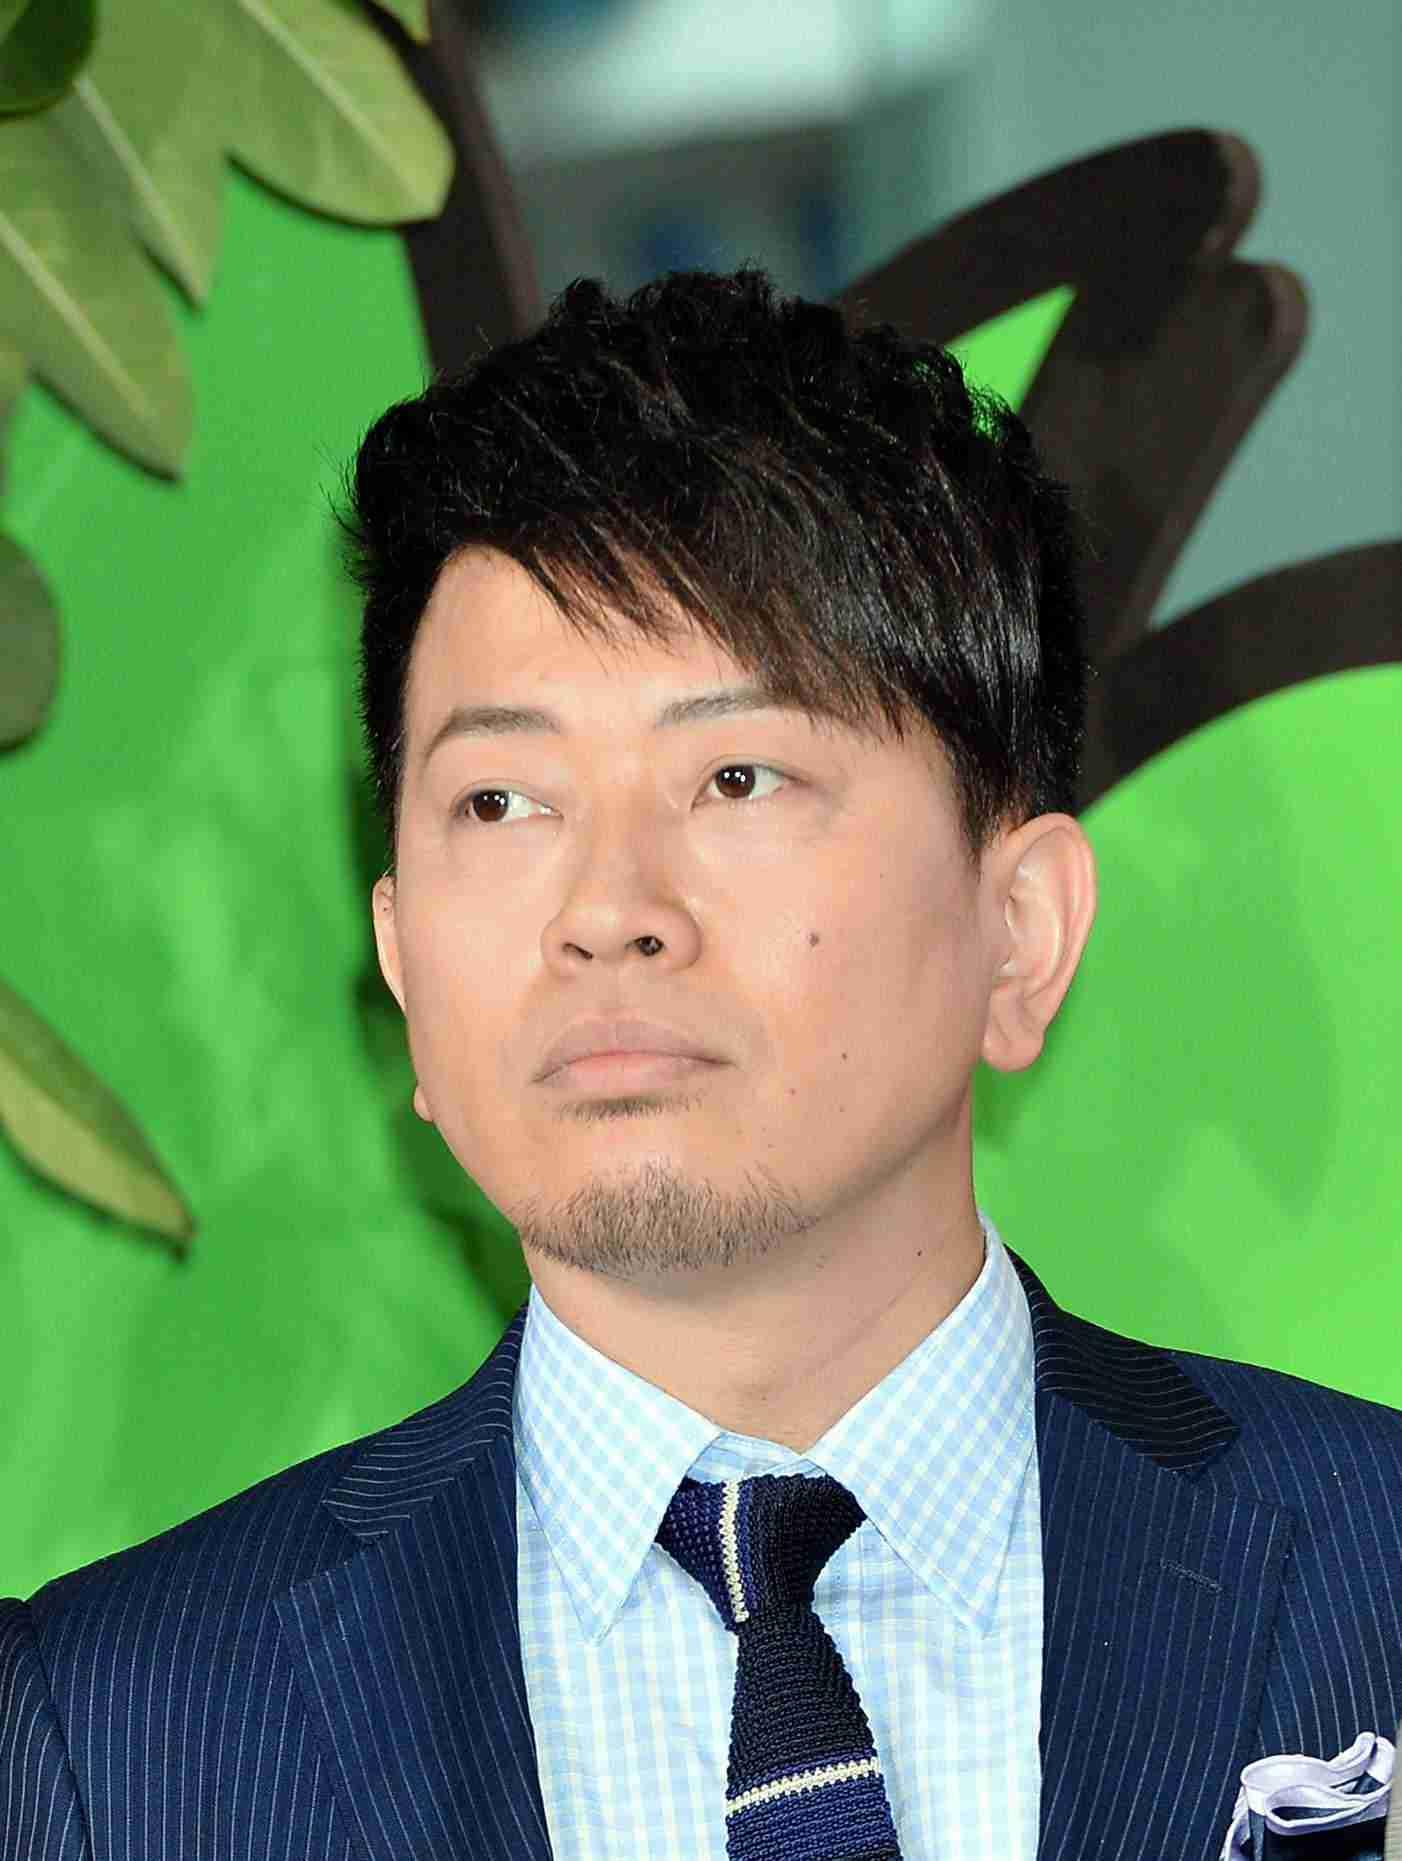 宮迫怒った オリラジ中田のベッキー批判に「そんなひどいこと、よく言うな」 (デイリースポーツ) - Yahoo!ニュース